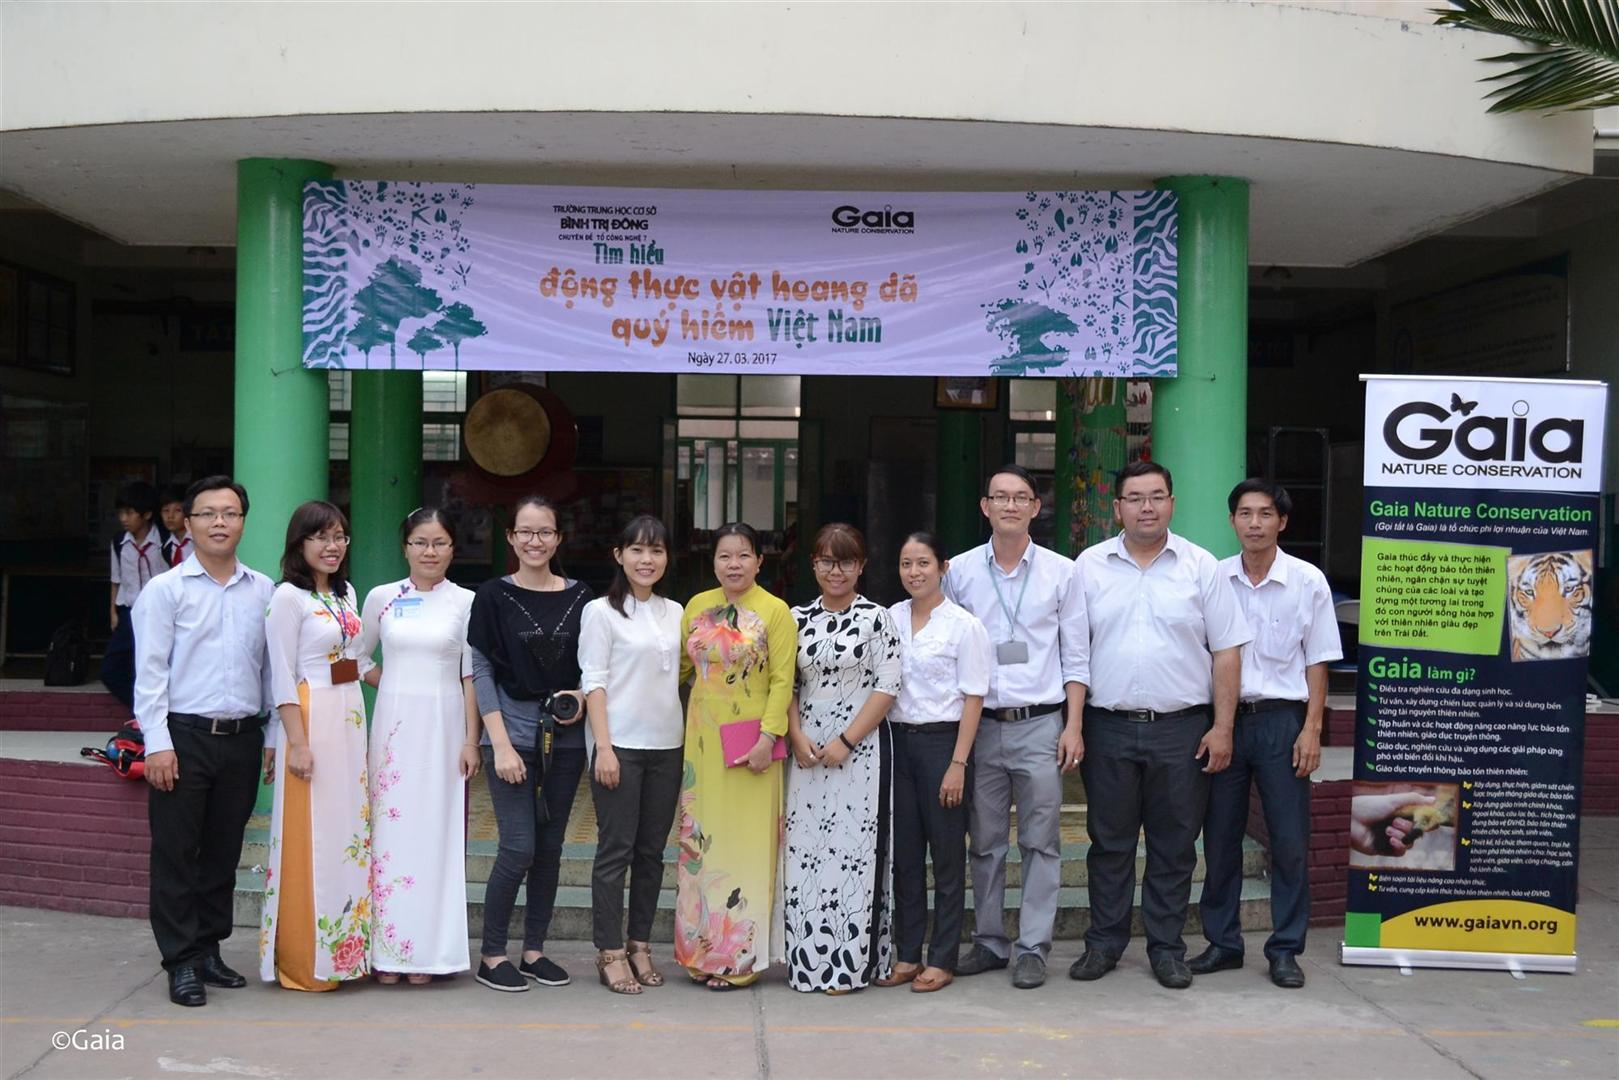 Bà Kim Ngân (Cán bộ Dự án của Trung tâm Gaia) và các giáo viên của trường THCS Bình Trị Đông